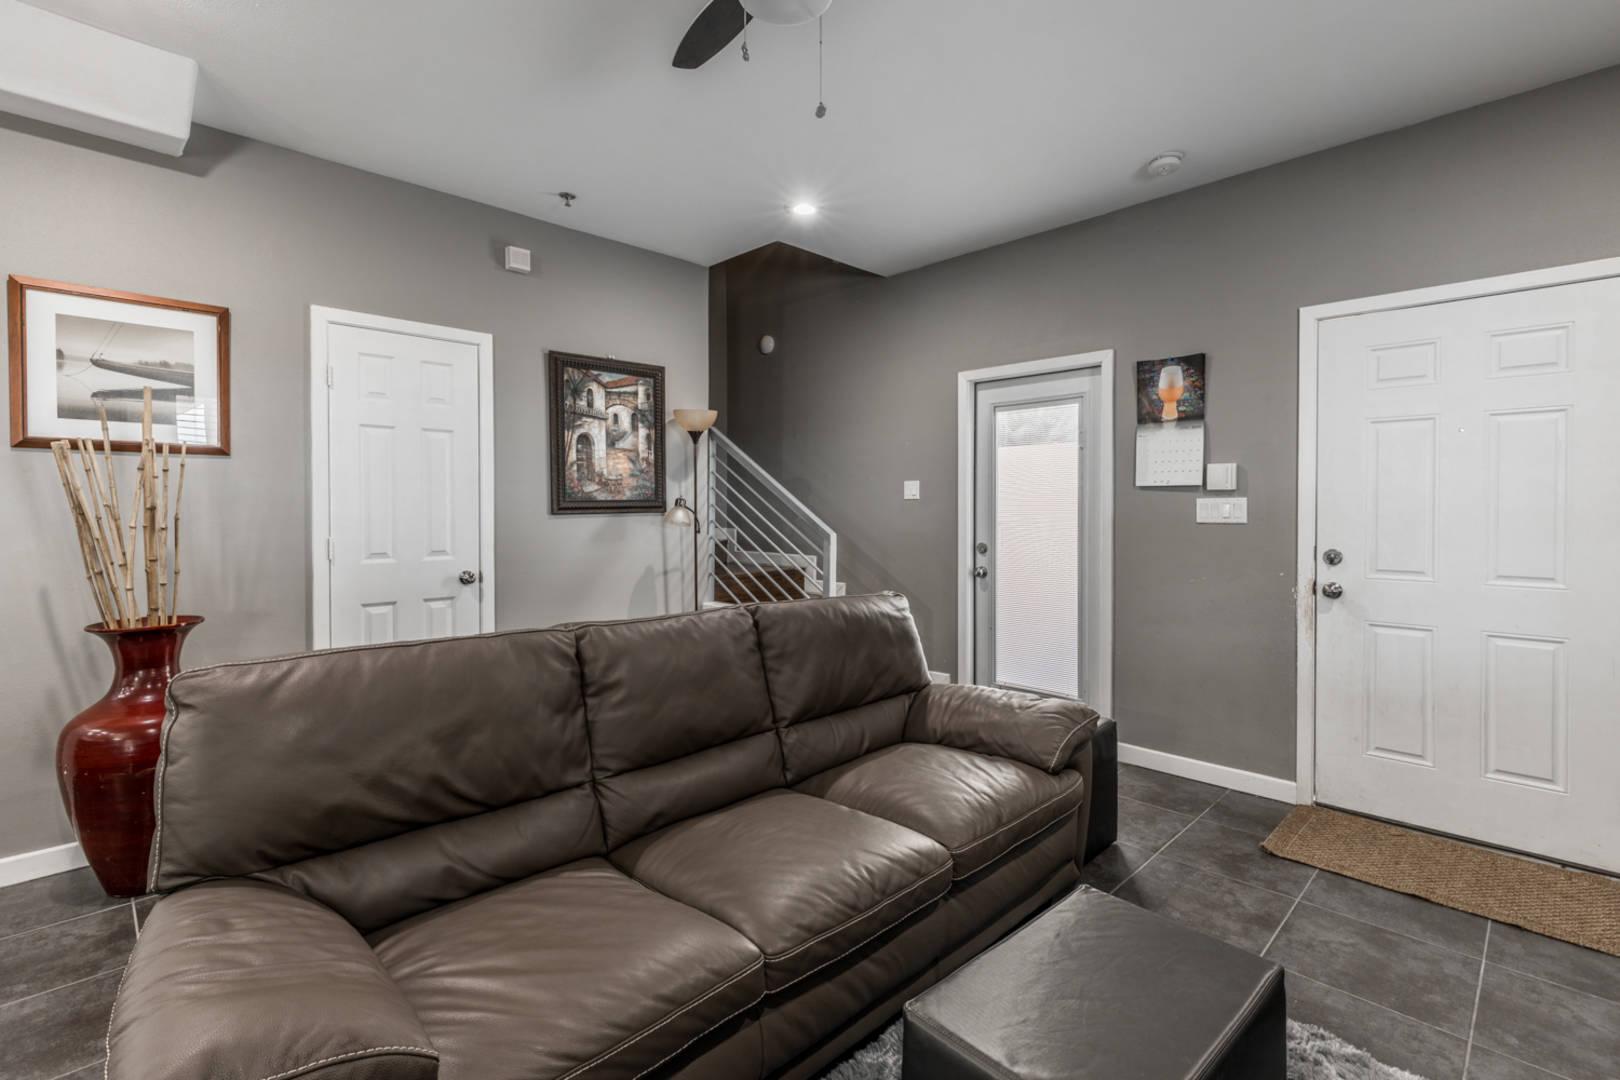 1313 E. Daffodil Avenue, Unit B Mcallen, TX 78501